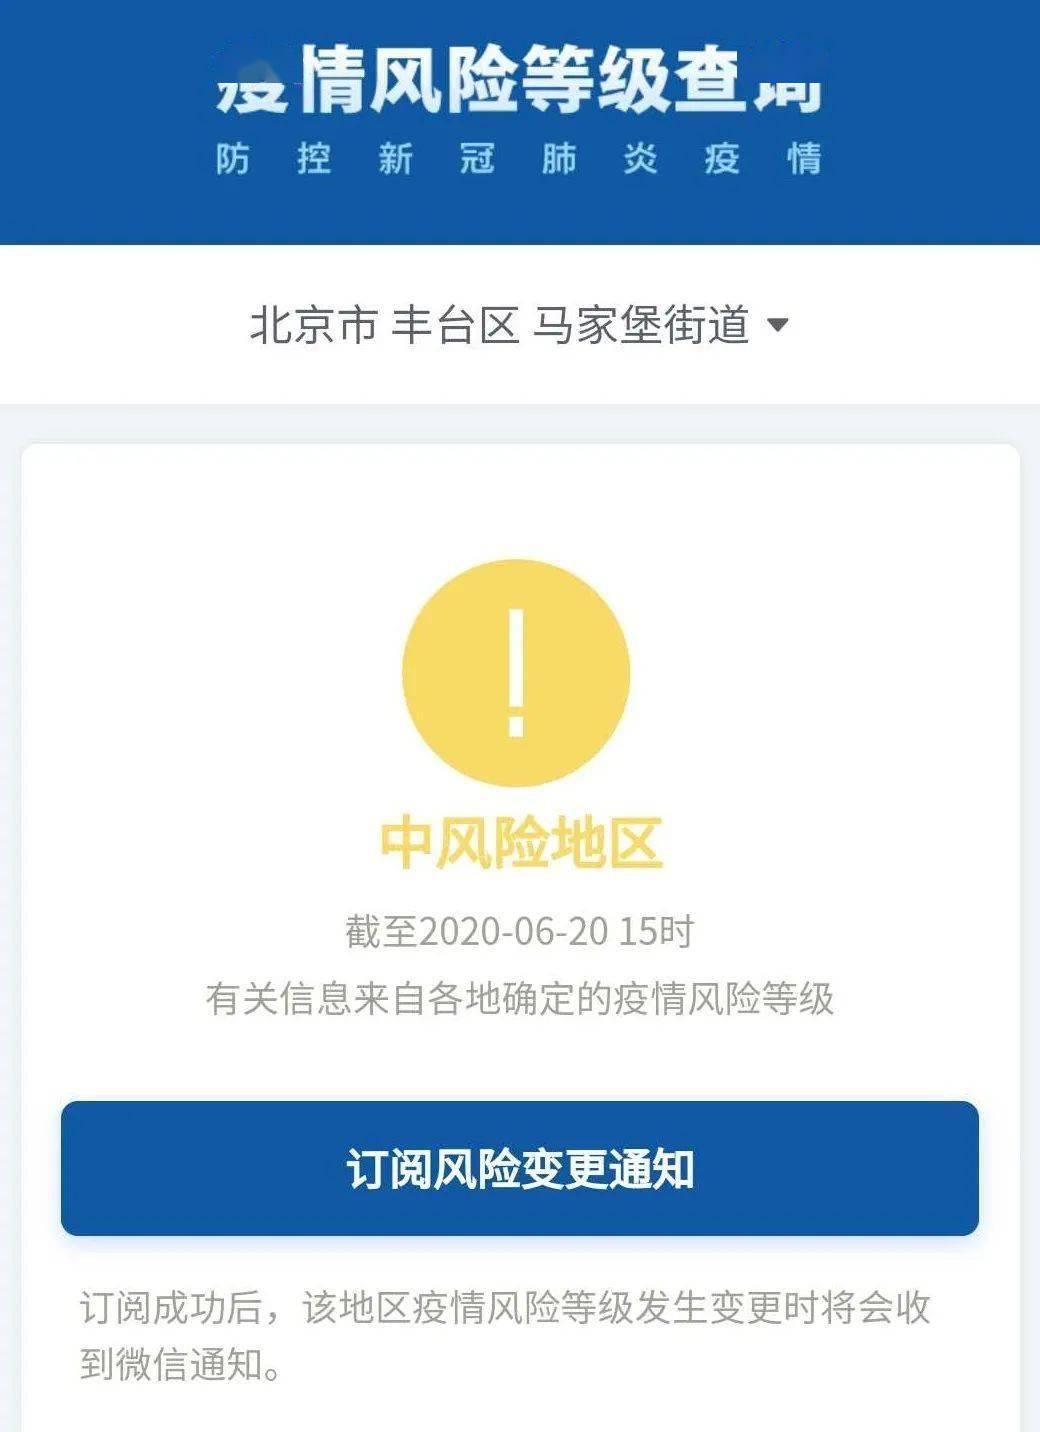 北京又一地升为中风险